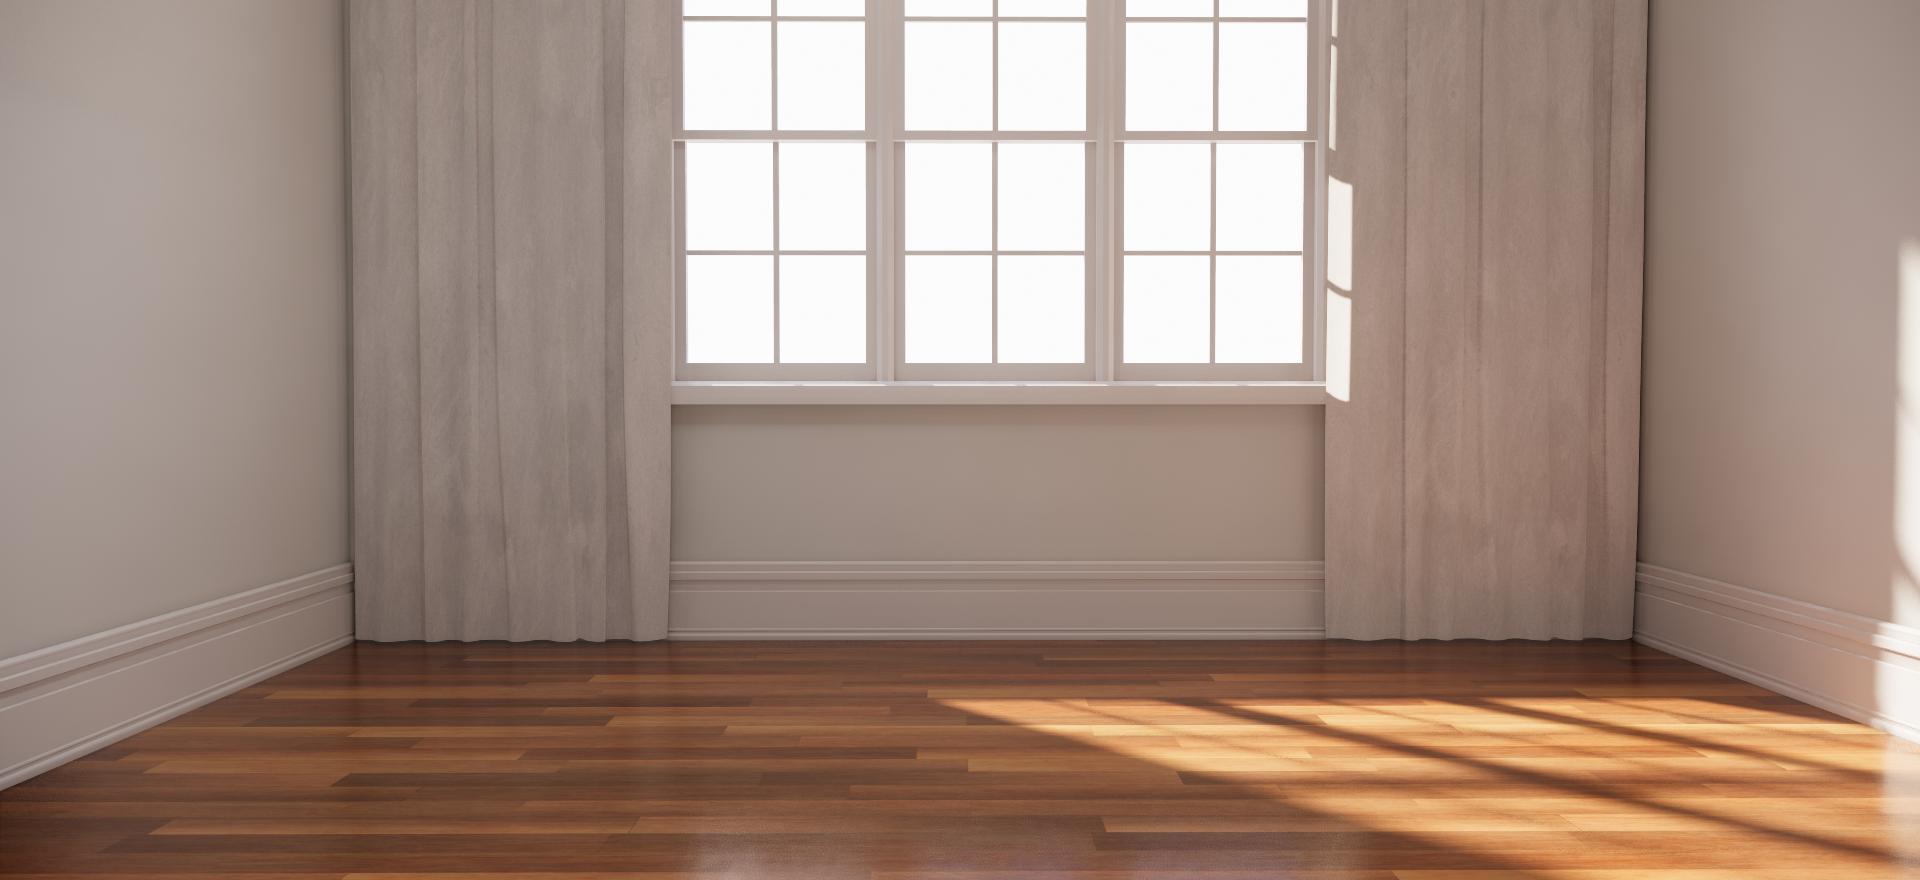 Wood Flooring 20.png